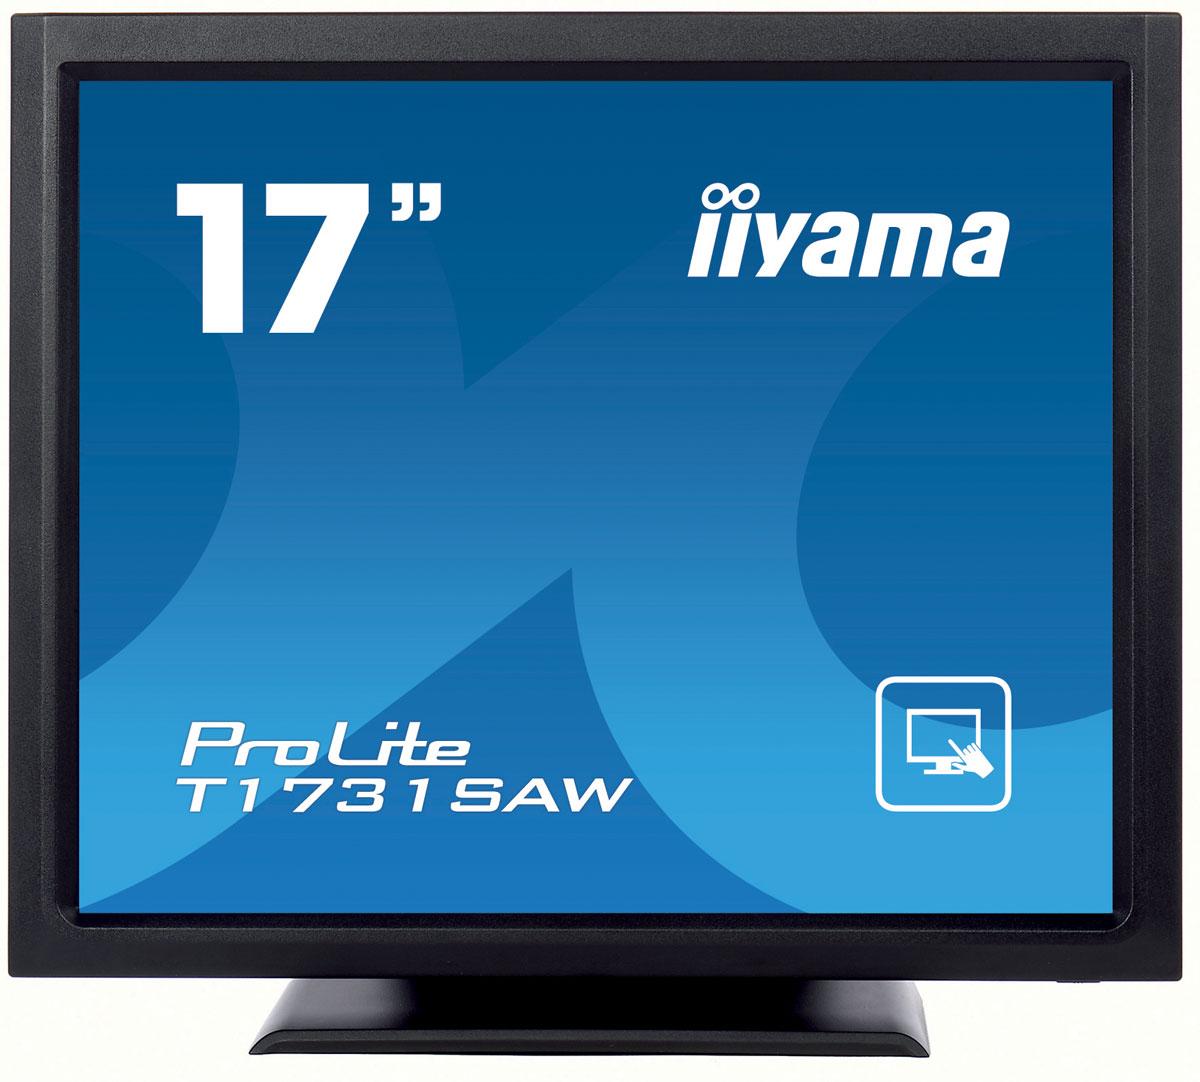 iiyama T1731SAW-B1A, Black мониторT1731SAW-B1AМонитор Iiyama T1731SAW-B1A использует высокоточную поверхностную сенсорную акустическую технологию Surface Acoustic Wave Touch Technology (SAW), что позволило выполнить его экран из стеклянной, устойчивой к царапинам панели, обеспечивающей великолепное качество изображения и высокую износостойкость. Экран распознает нажатия мягким стилусом, пальцем или рукой в перчатке, что делает его пригодным для широкого круга применений. Прочный конструктив и надежная, но гибкая подставка, обеспечивают его устойчивость в наиболее неблагоприятных условиях эксплуатации. Для очистки поверхности экрана, предусмотрена функция отключения сенсорной панели. Дисплей Iiyama T1731SAW-B1A является идеальным выбором для использования в торговых точках, электронных киосках, гостиницах, развлекательных заведениях, диспетчерских, образовательных и тренинговых организациях, а также во многих других типах учреждений. Сенсорный экран на поверхностно-акустических волнах использует...